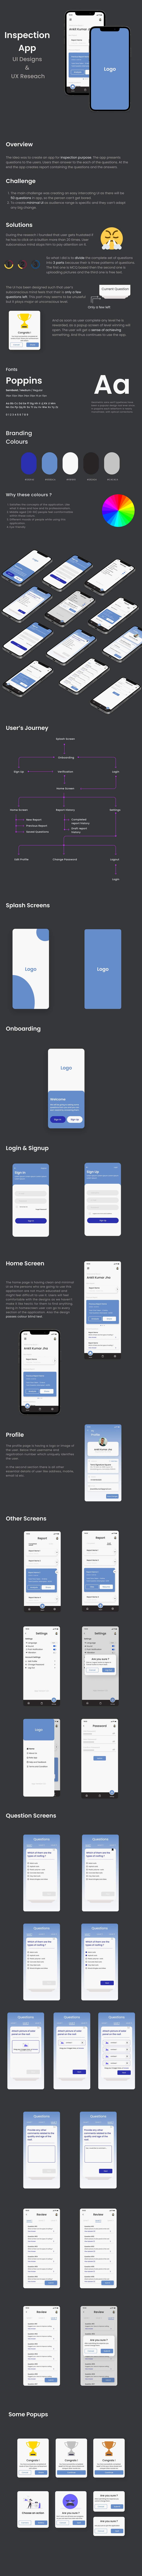 Penyertaan Peraduan #                                        29                                      untuk                                         Design me a Mobile App